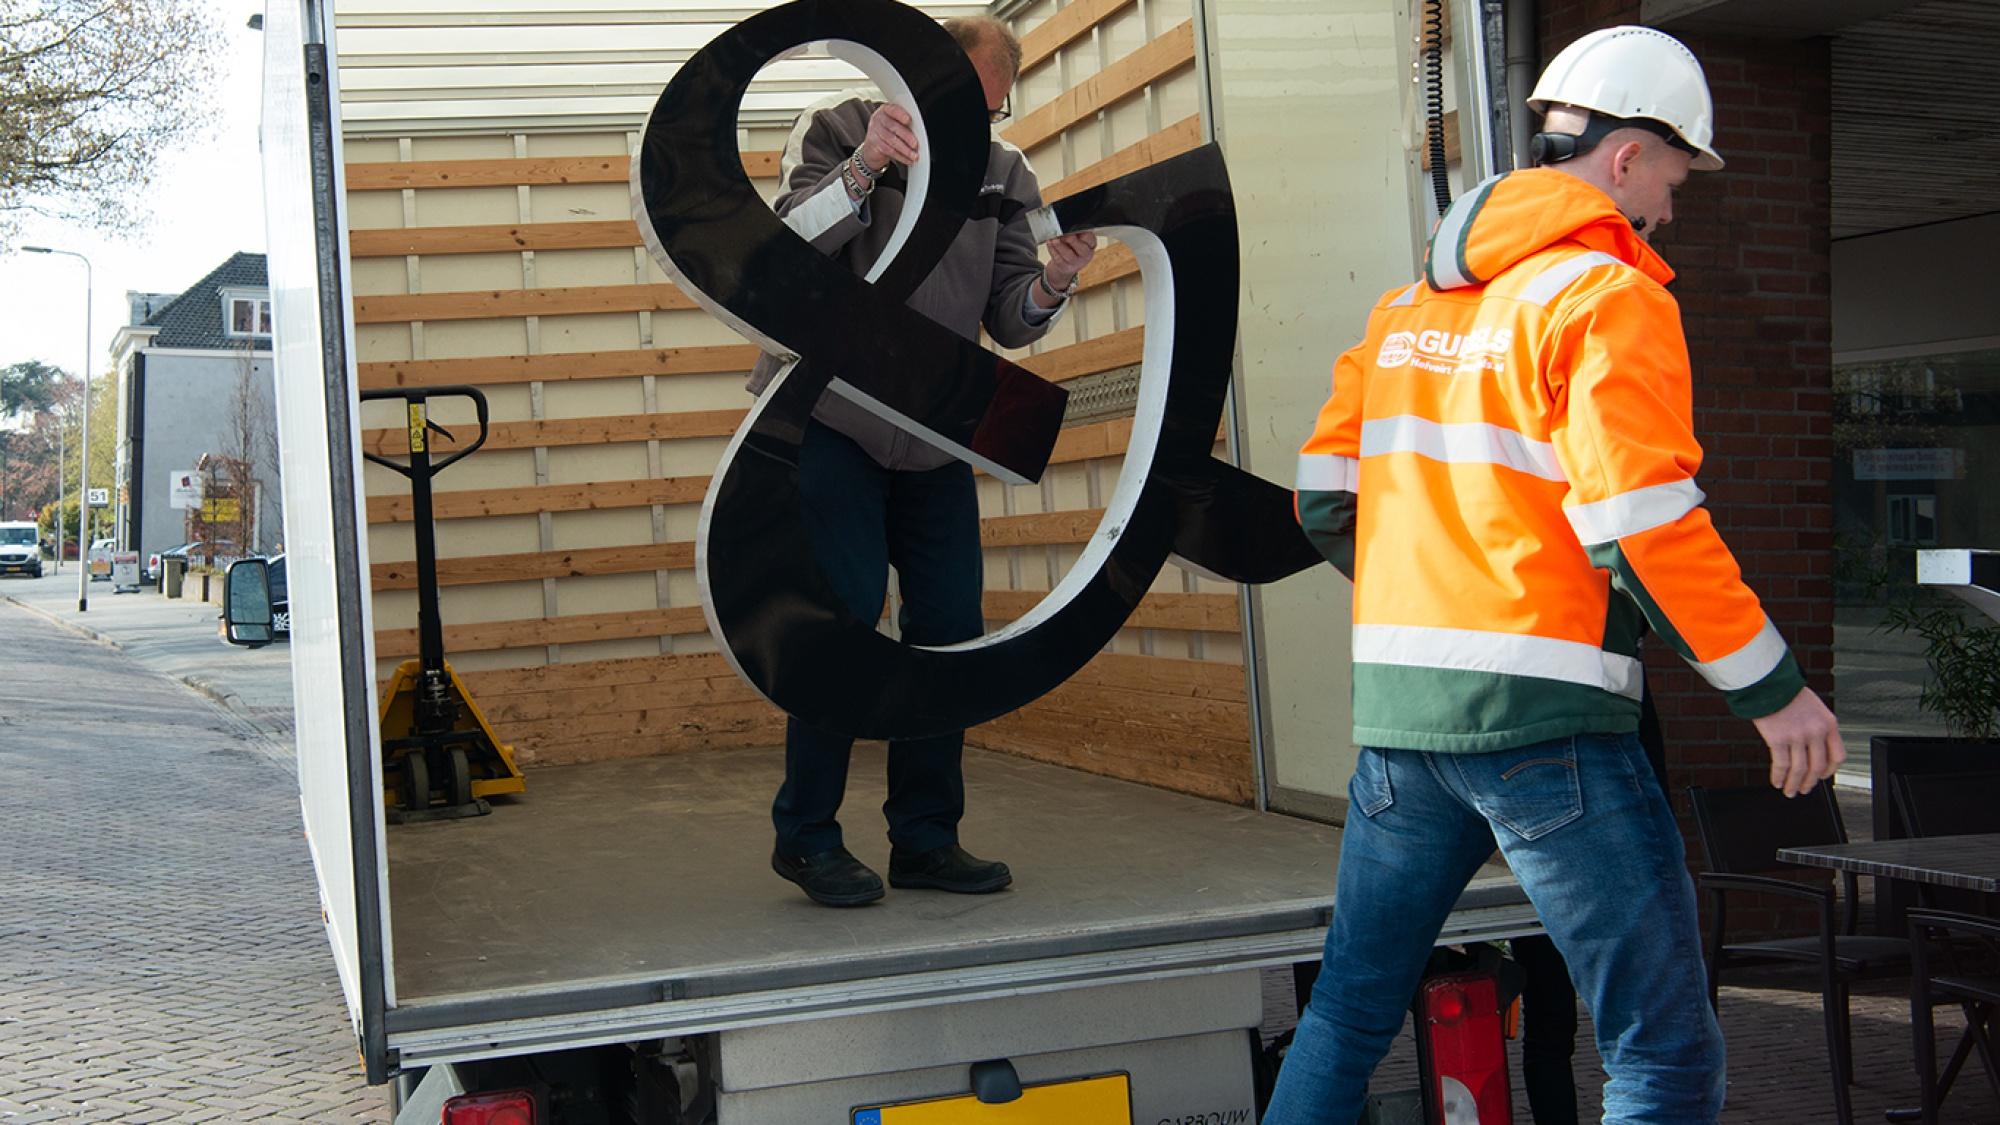 Letters van het logo worden in de bus geladen